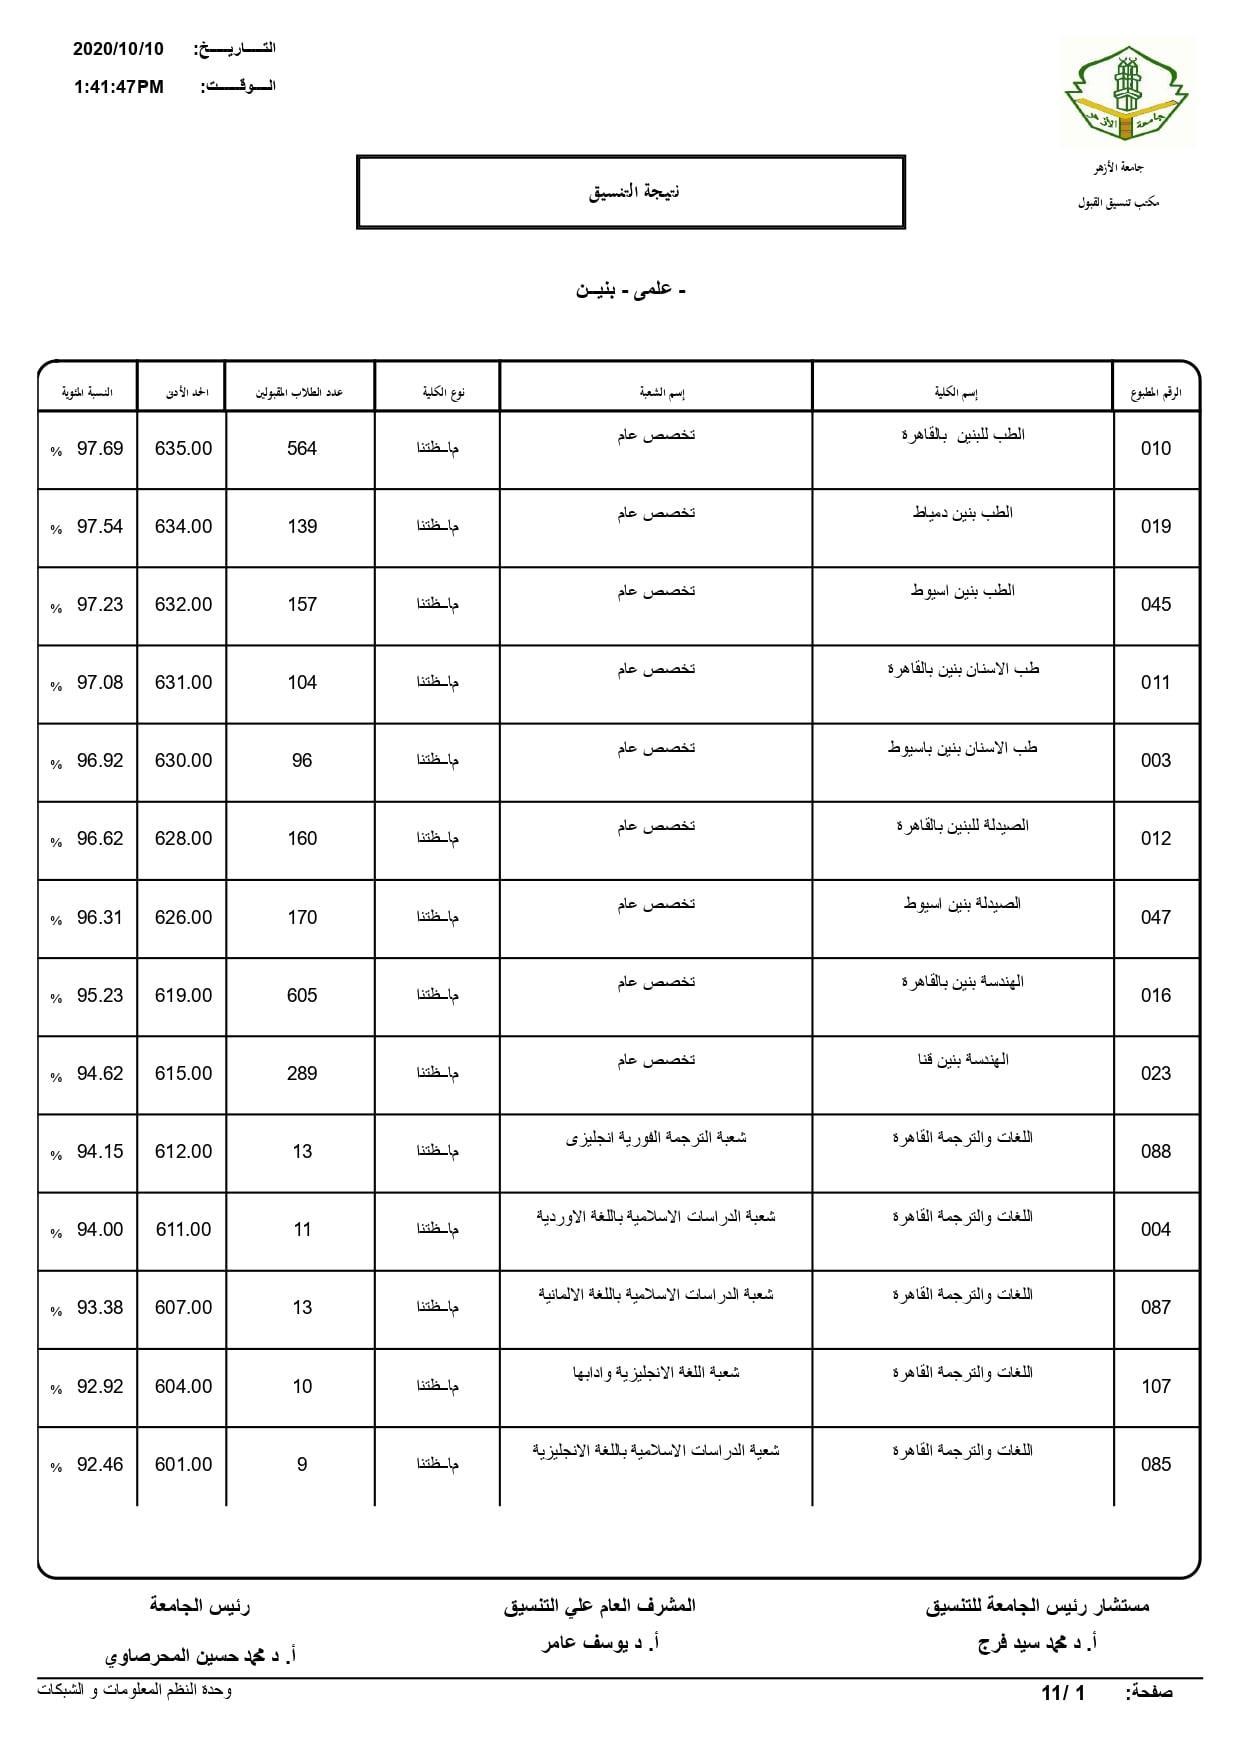 نتيجة تنسيق كليات جامعة الأزهر لعام 2020 بالكامل 20201010200637607